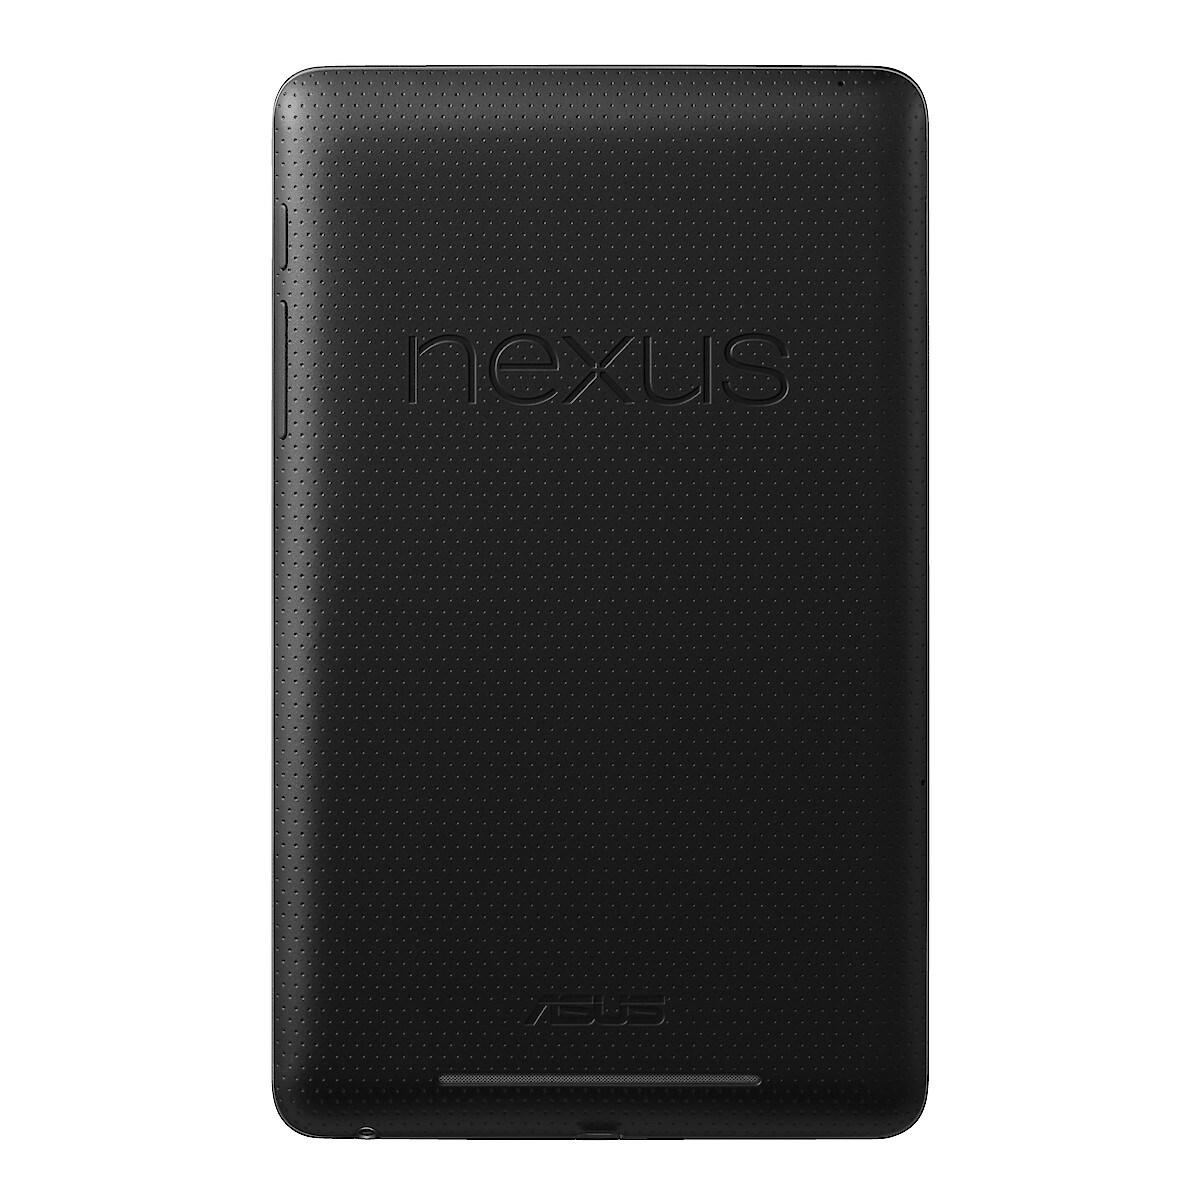 Nettbrett Asus Google Nexus 7, 32 GB 3G